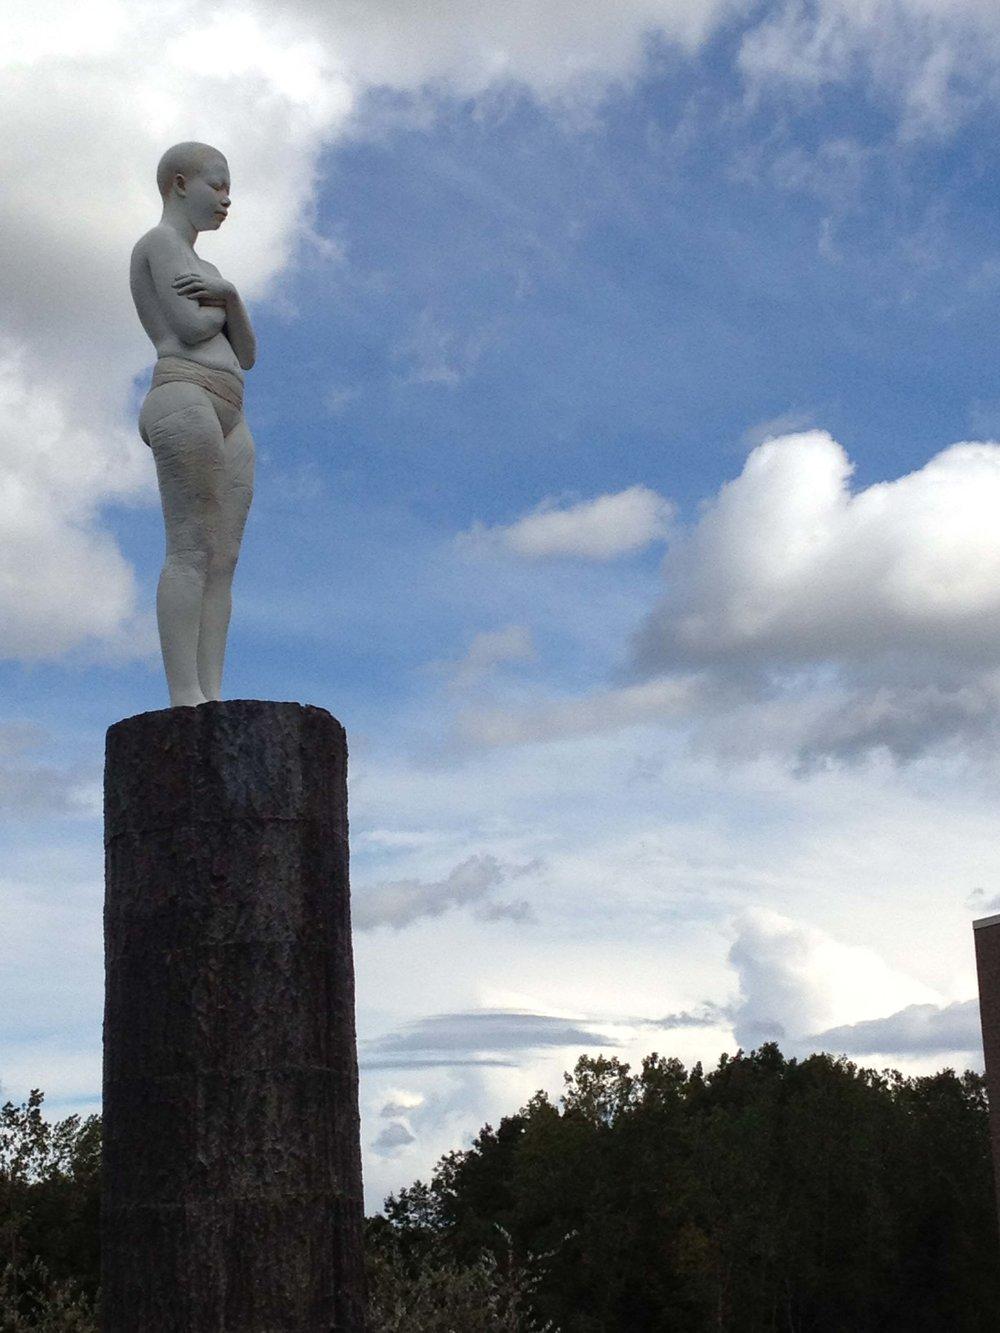 Overseer  -13'1 X 18 X 14 in cast aluminum and bronze (2012) at Frederik Meijer Gardens & Sculpture Park